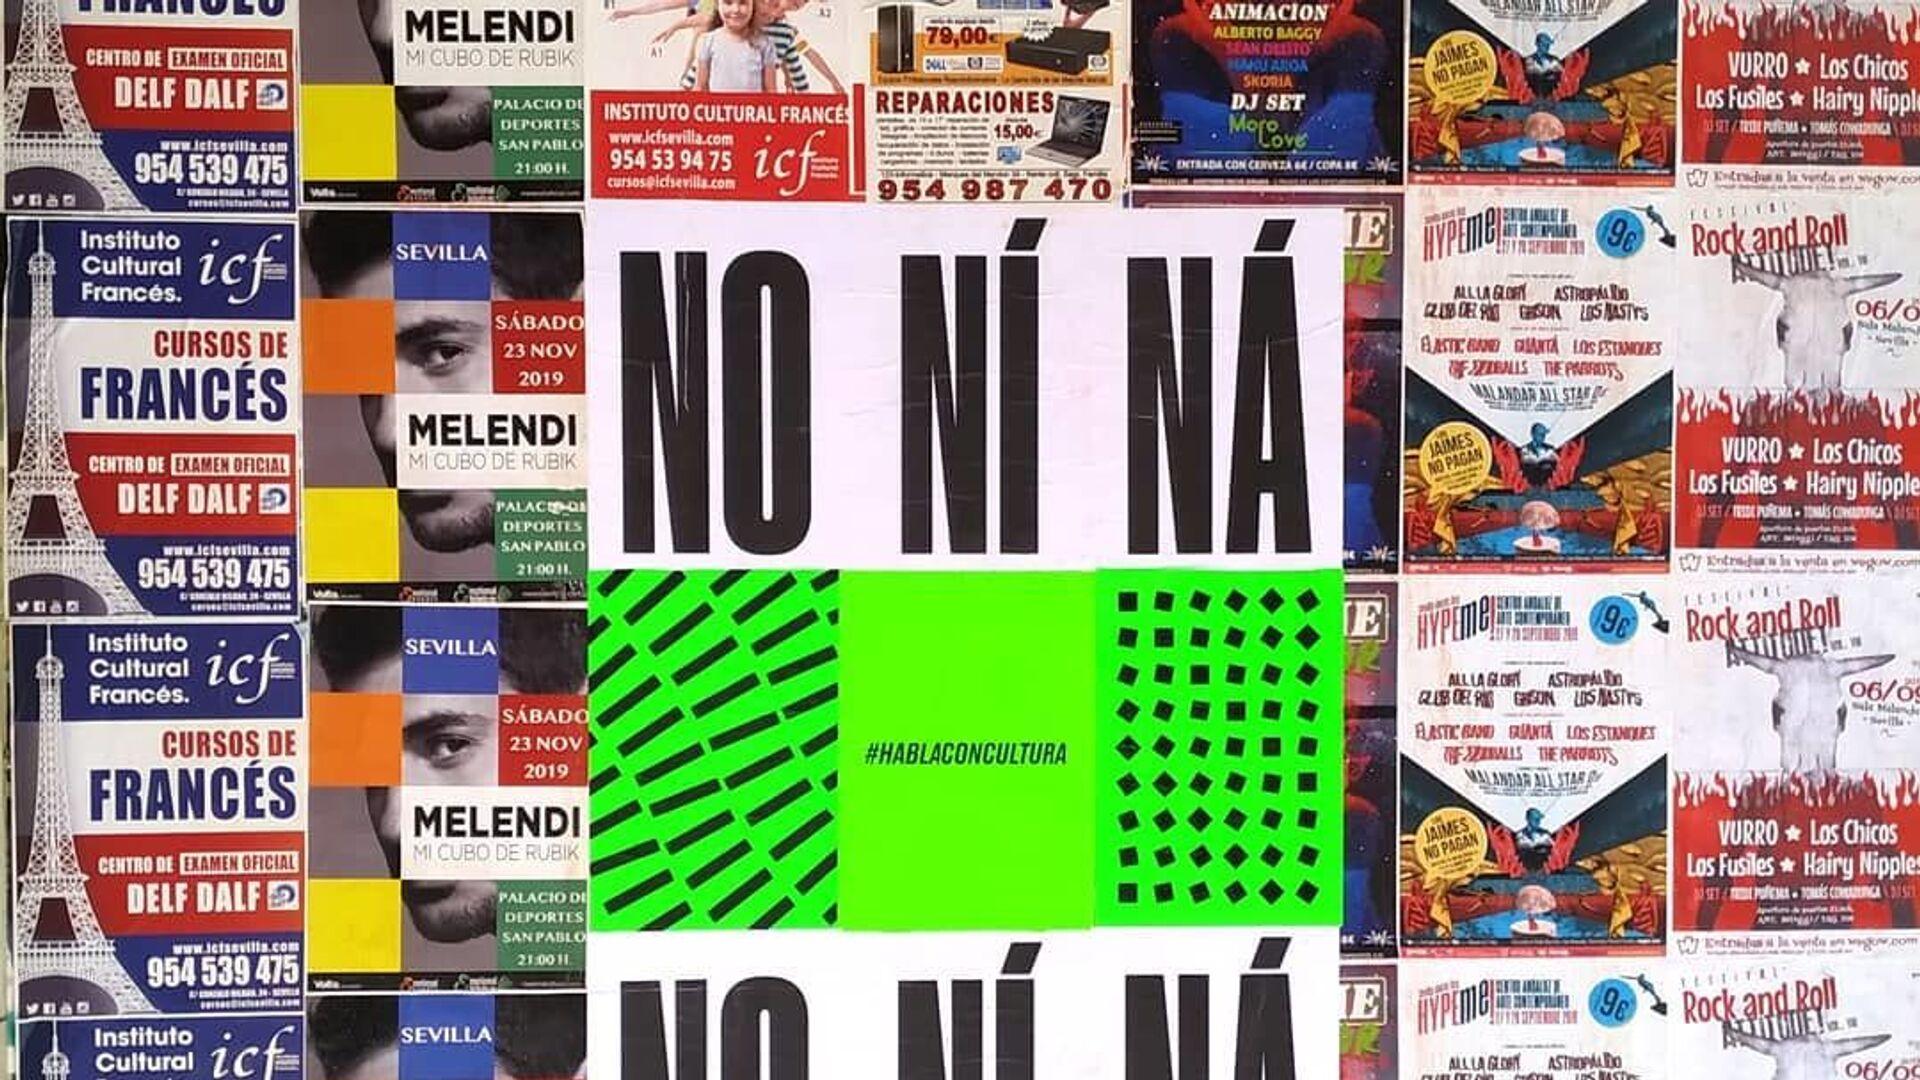 Un cartel con la expresión andaluza No ní ná - Sputnik Mundo, 1920, 04.05.2020